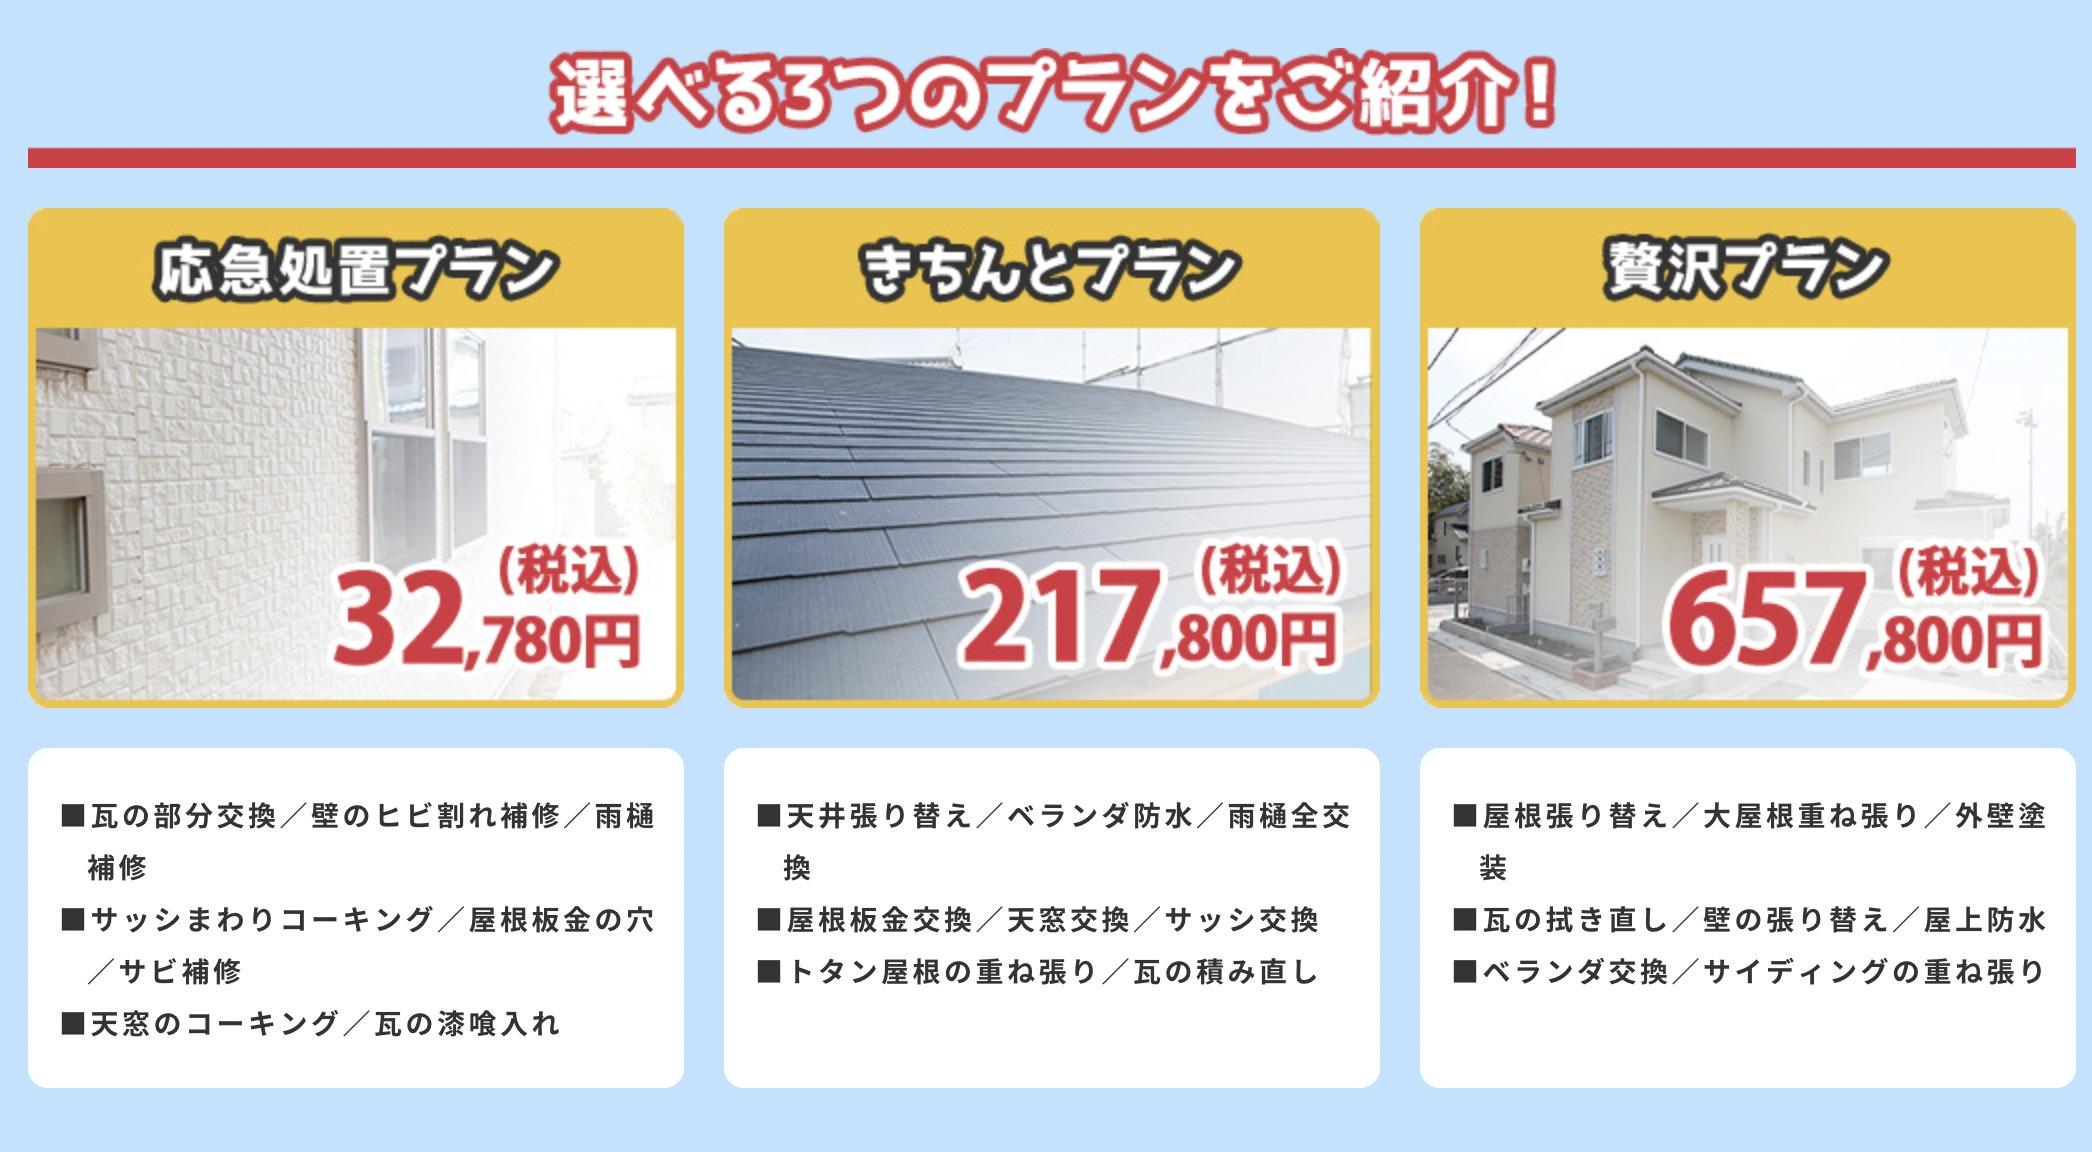 吉川市の外壁塗装イケショウリフォームの特徴について